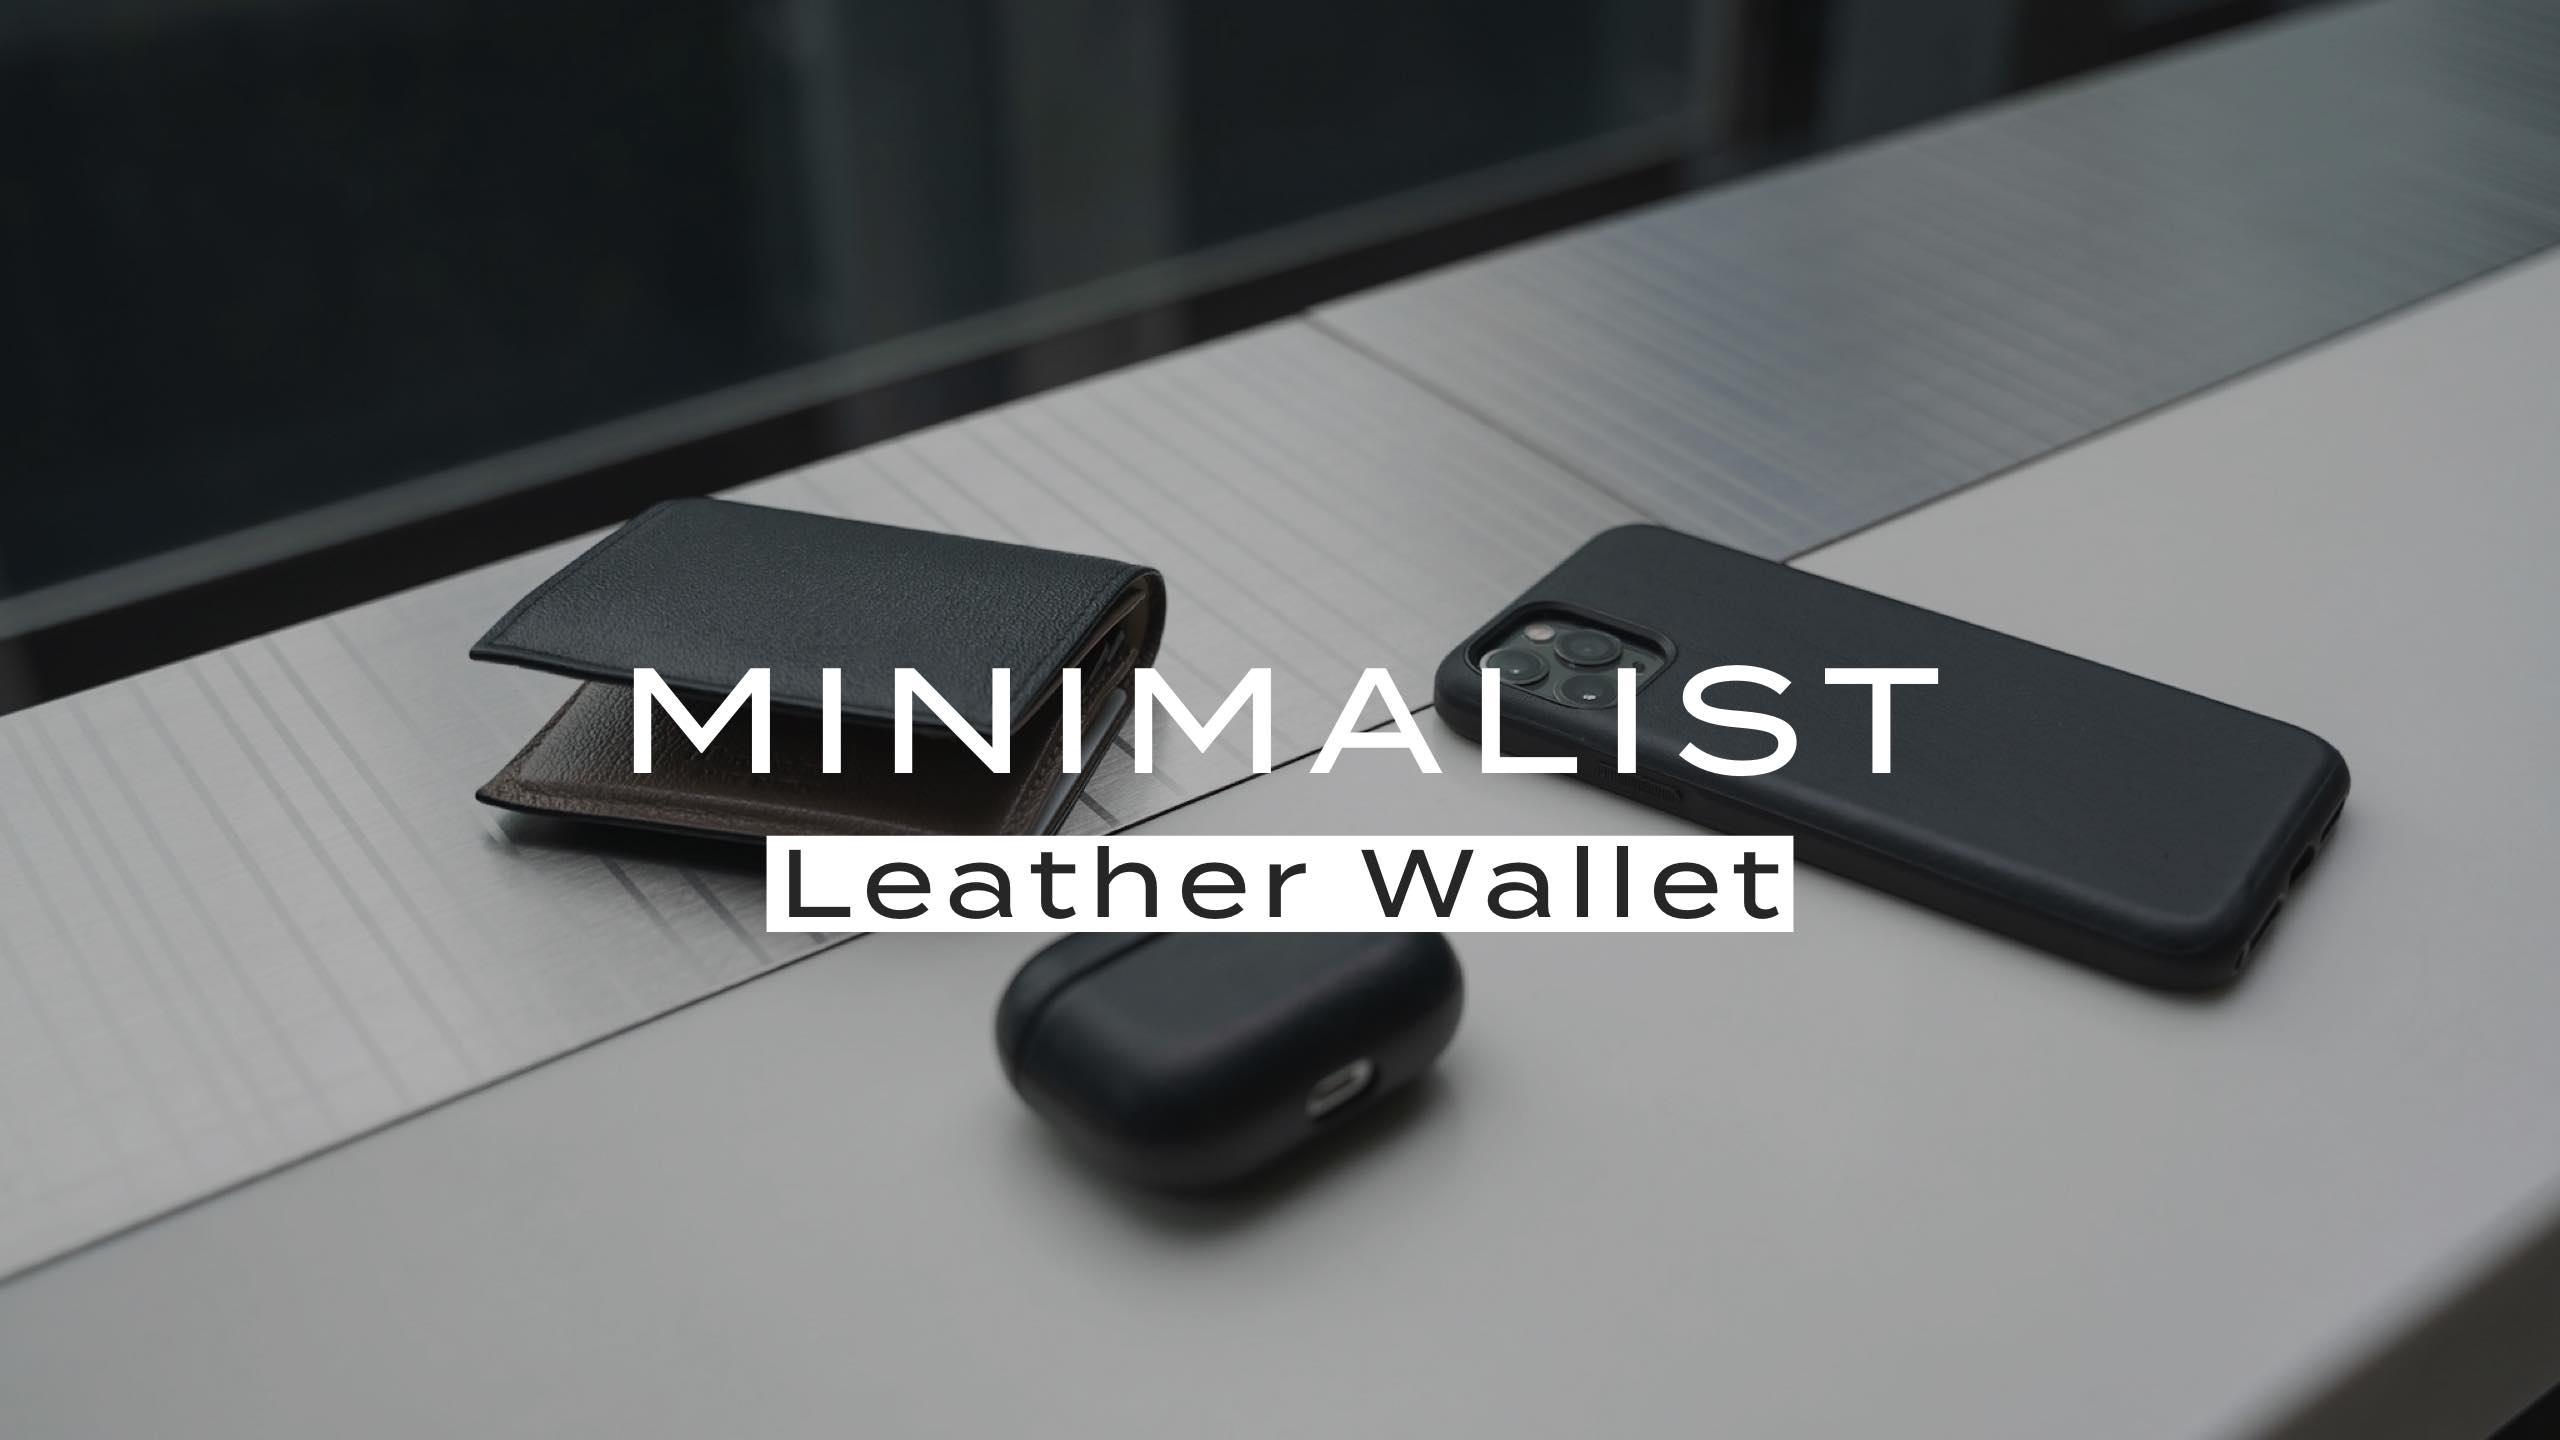 【本格志向】メンズミニマリストにおすすめの本革財布&レザー製ミニウォレット【厳選ブランド】